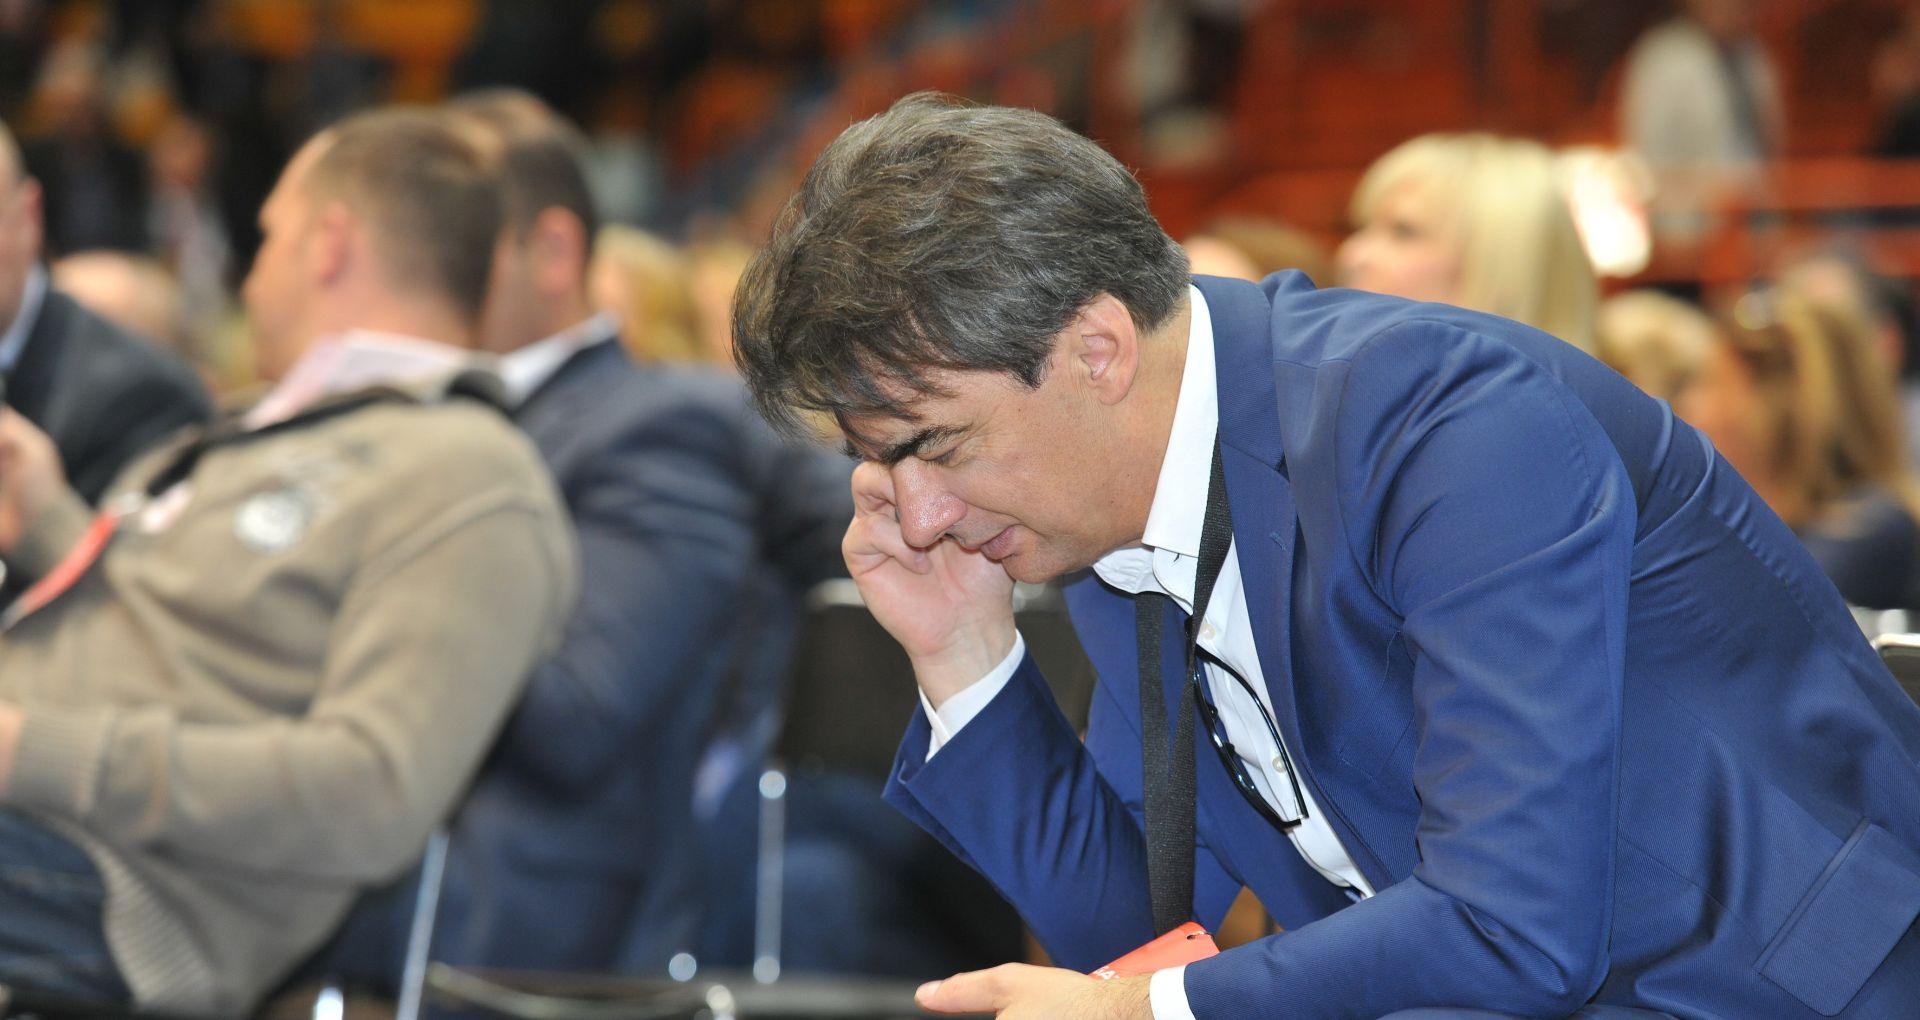 Grčić sumnja u restrukturiranje Agrokora